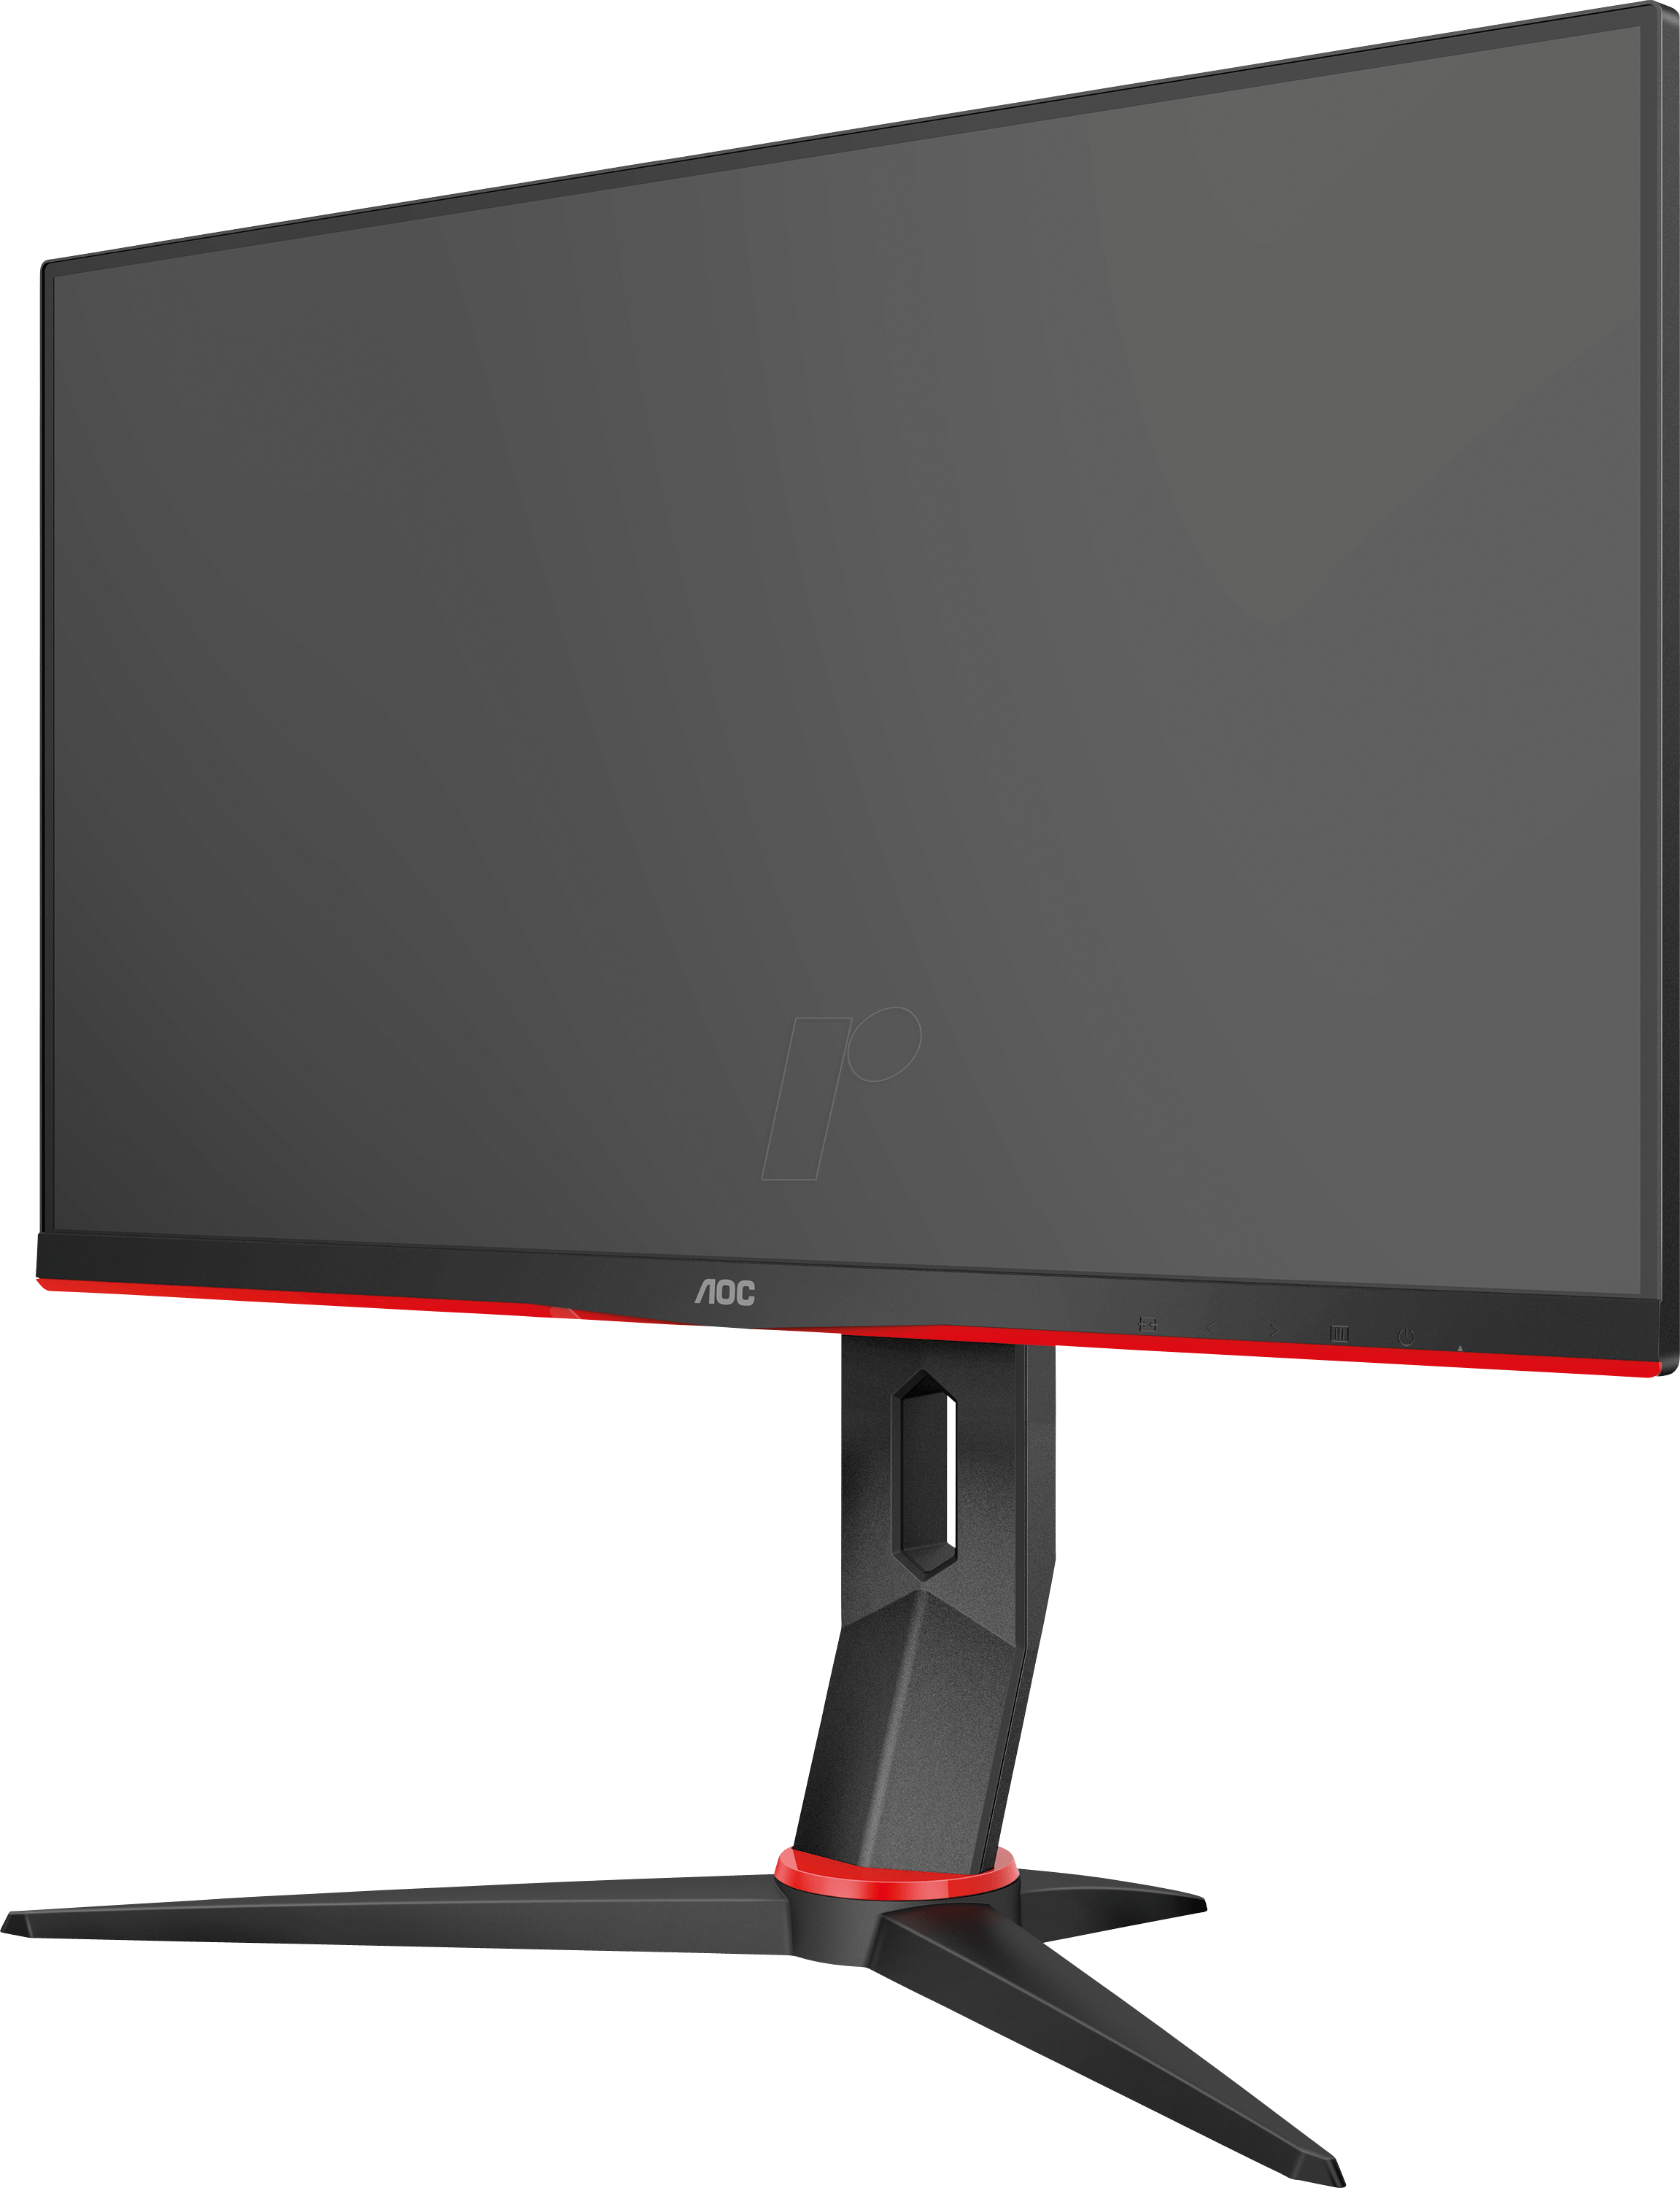 10cm Monitor, 10p, Lautsprecher, EEK A